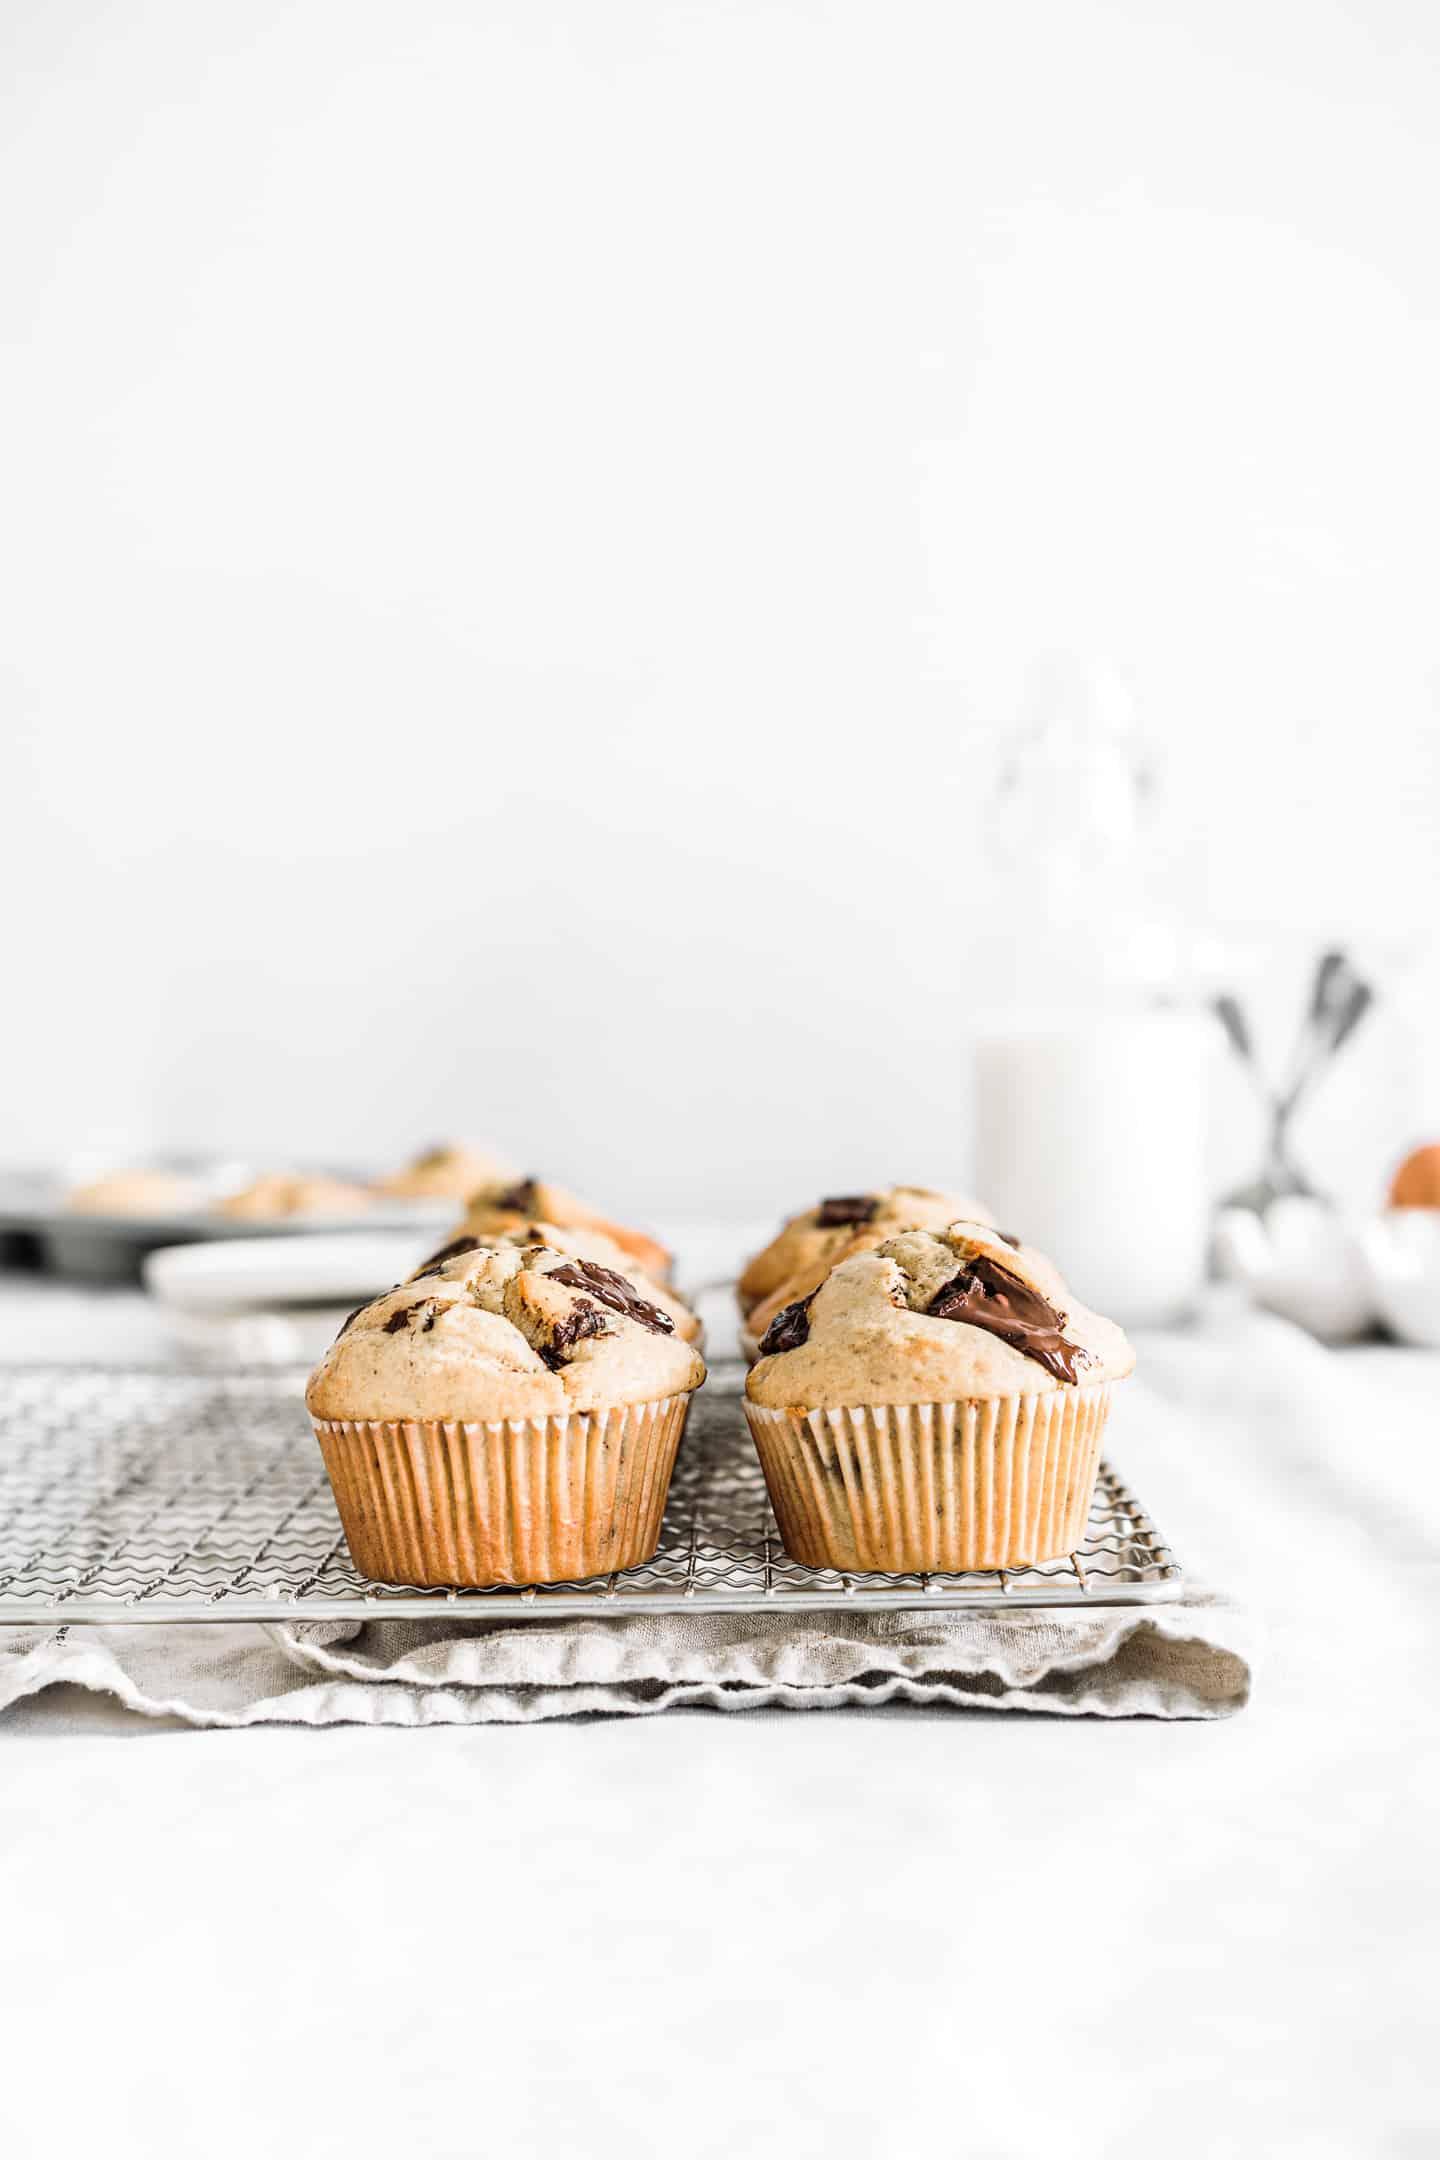 Recette facile des muffins moelleux